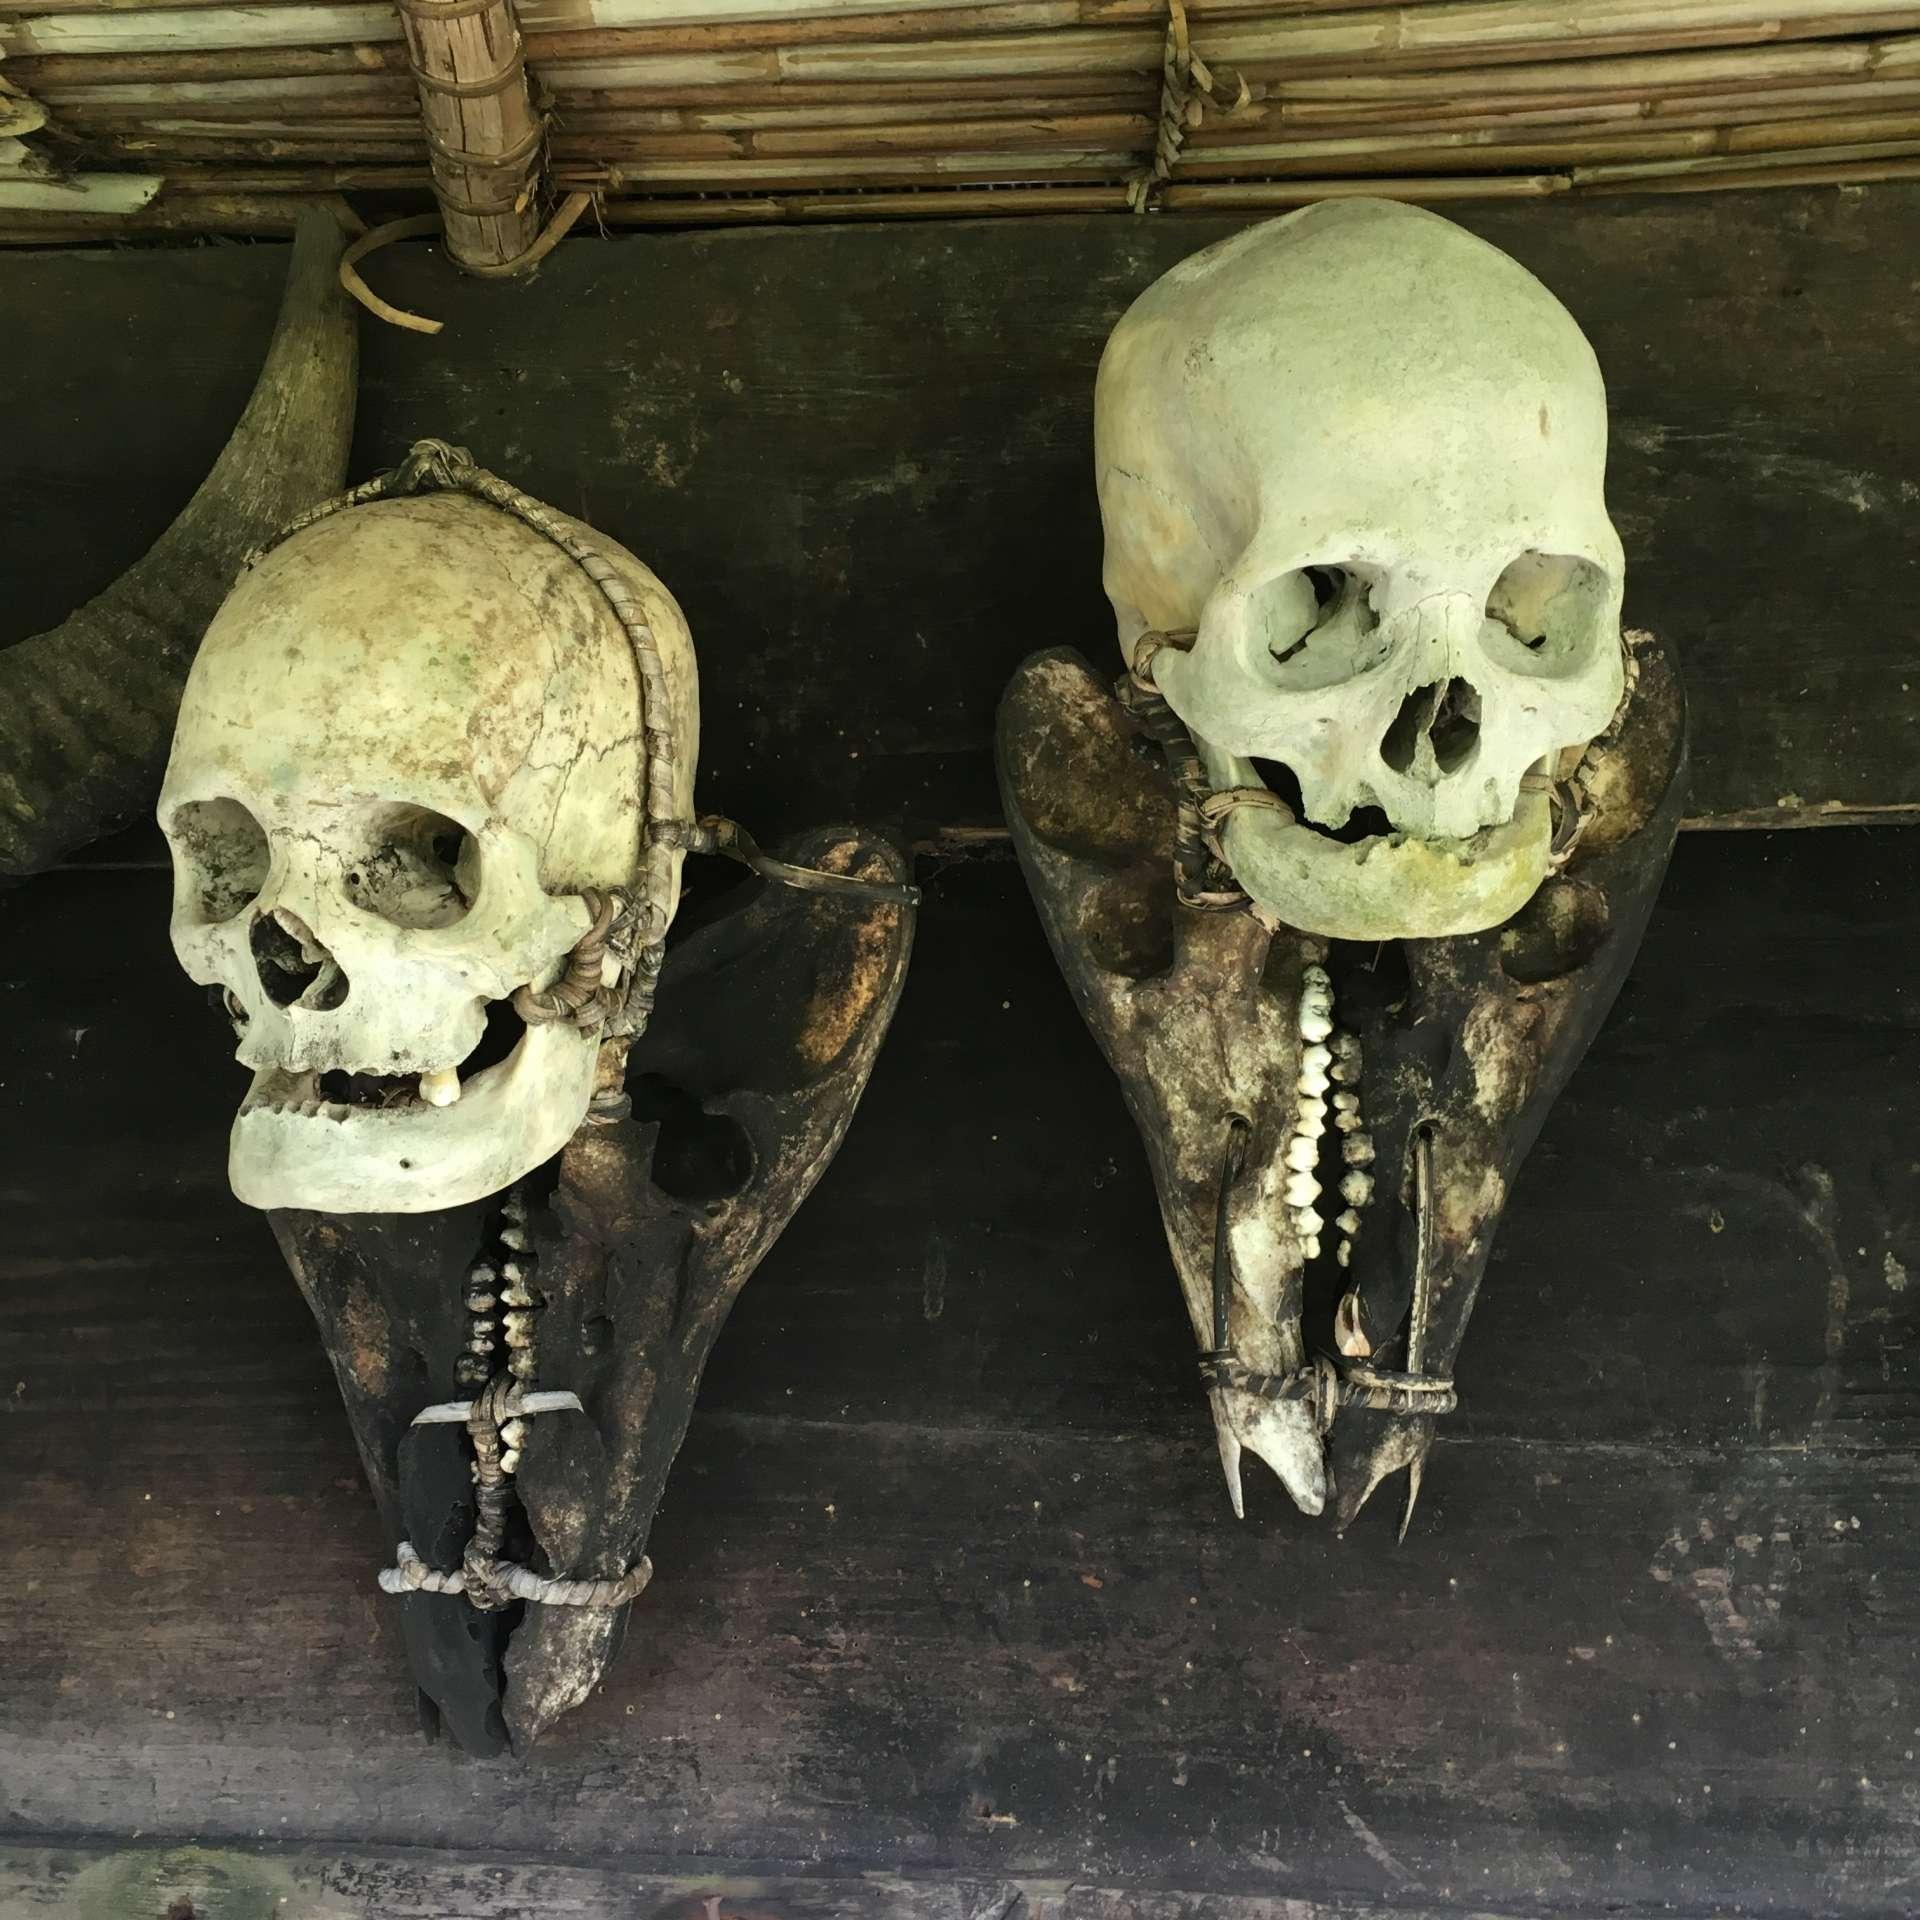 Überreste von japanischen Soldaten